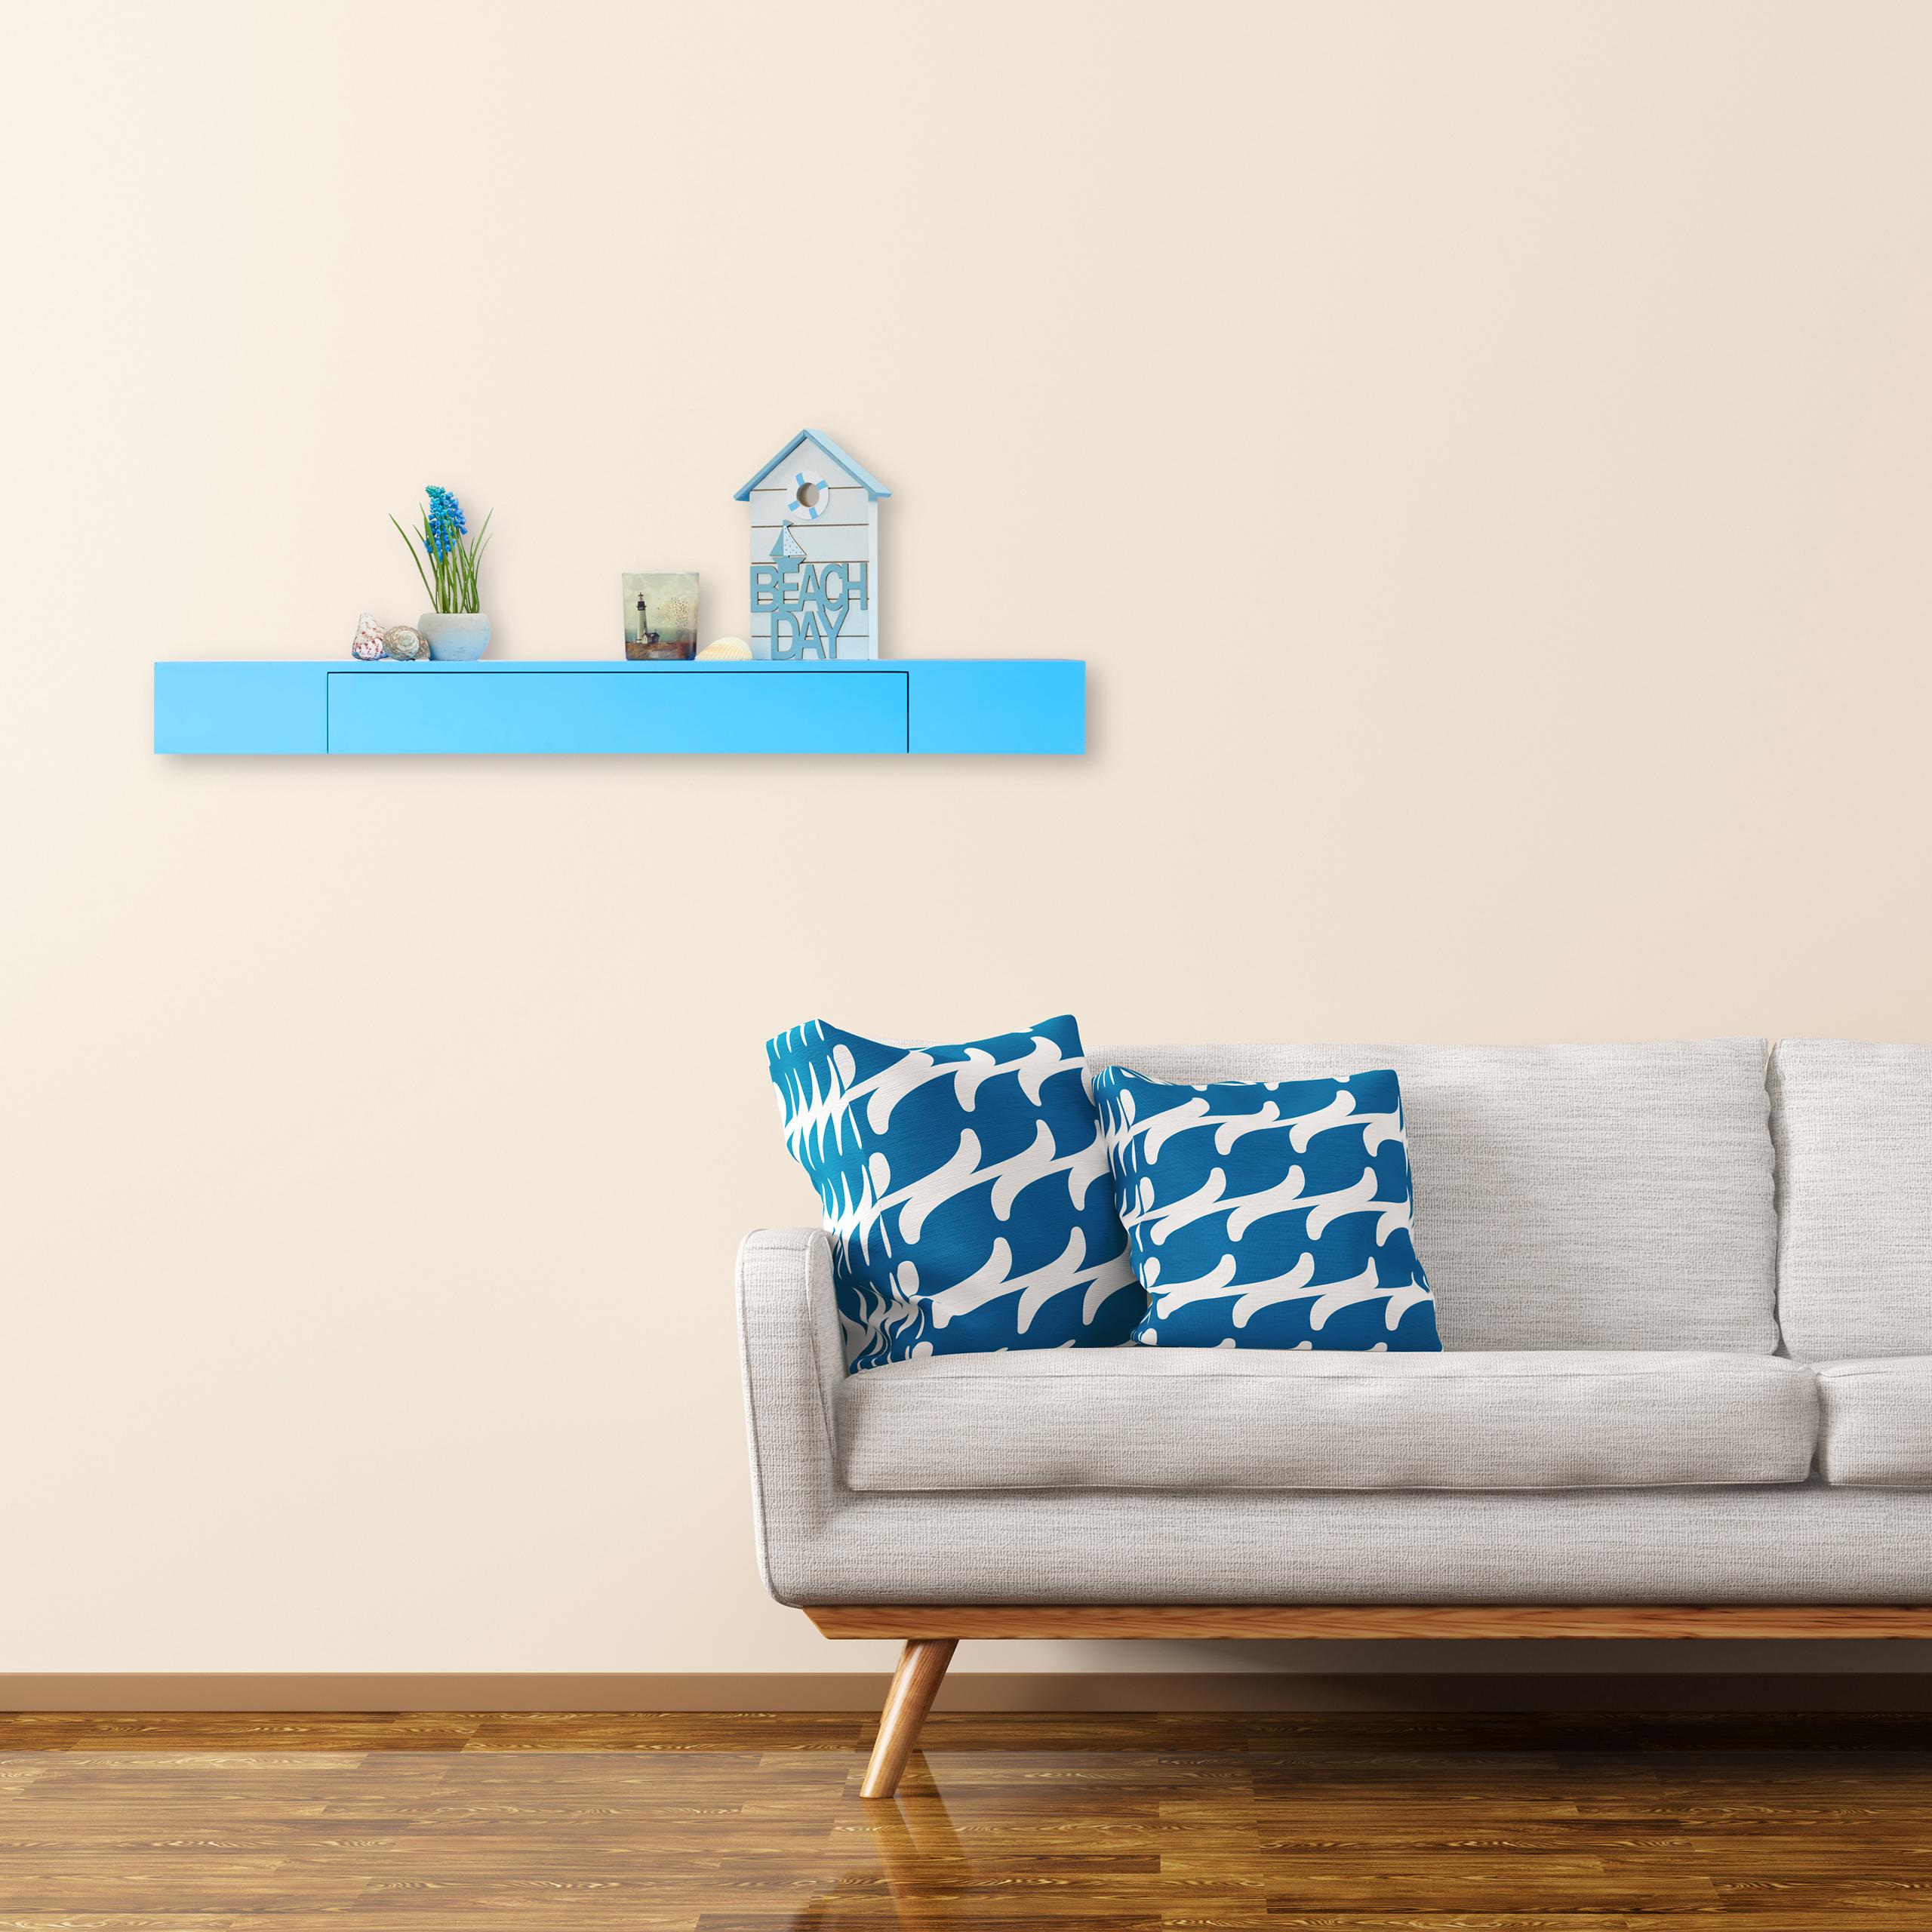 wandregal mit schublade freischwebend design deko wohnzimmer modern ablage ebay. Black Bedroom Furniture Sets. Home Design Ideas